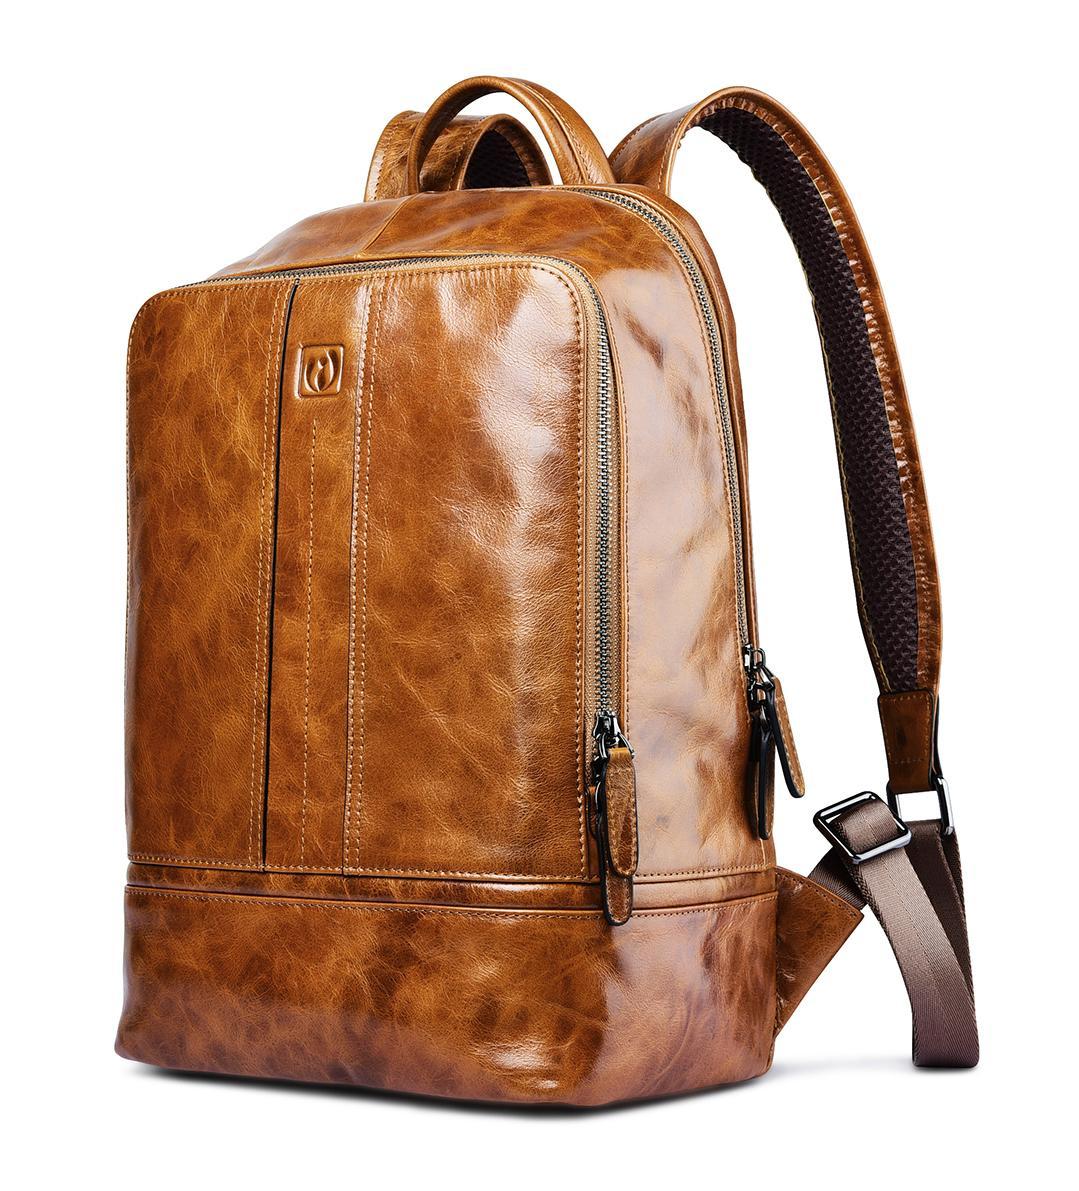 iCarer Vintage Oil Wax Real Leather Backpack 1